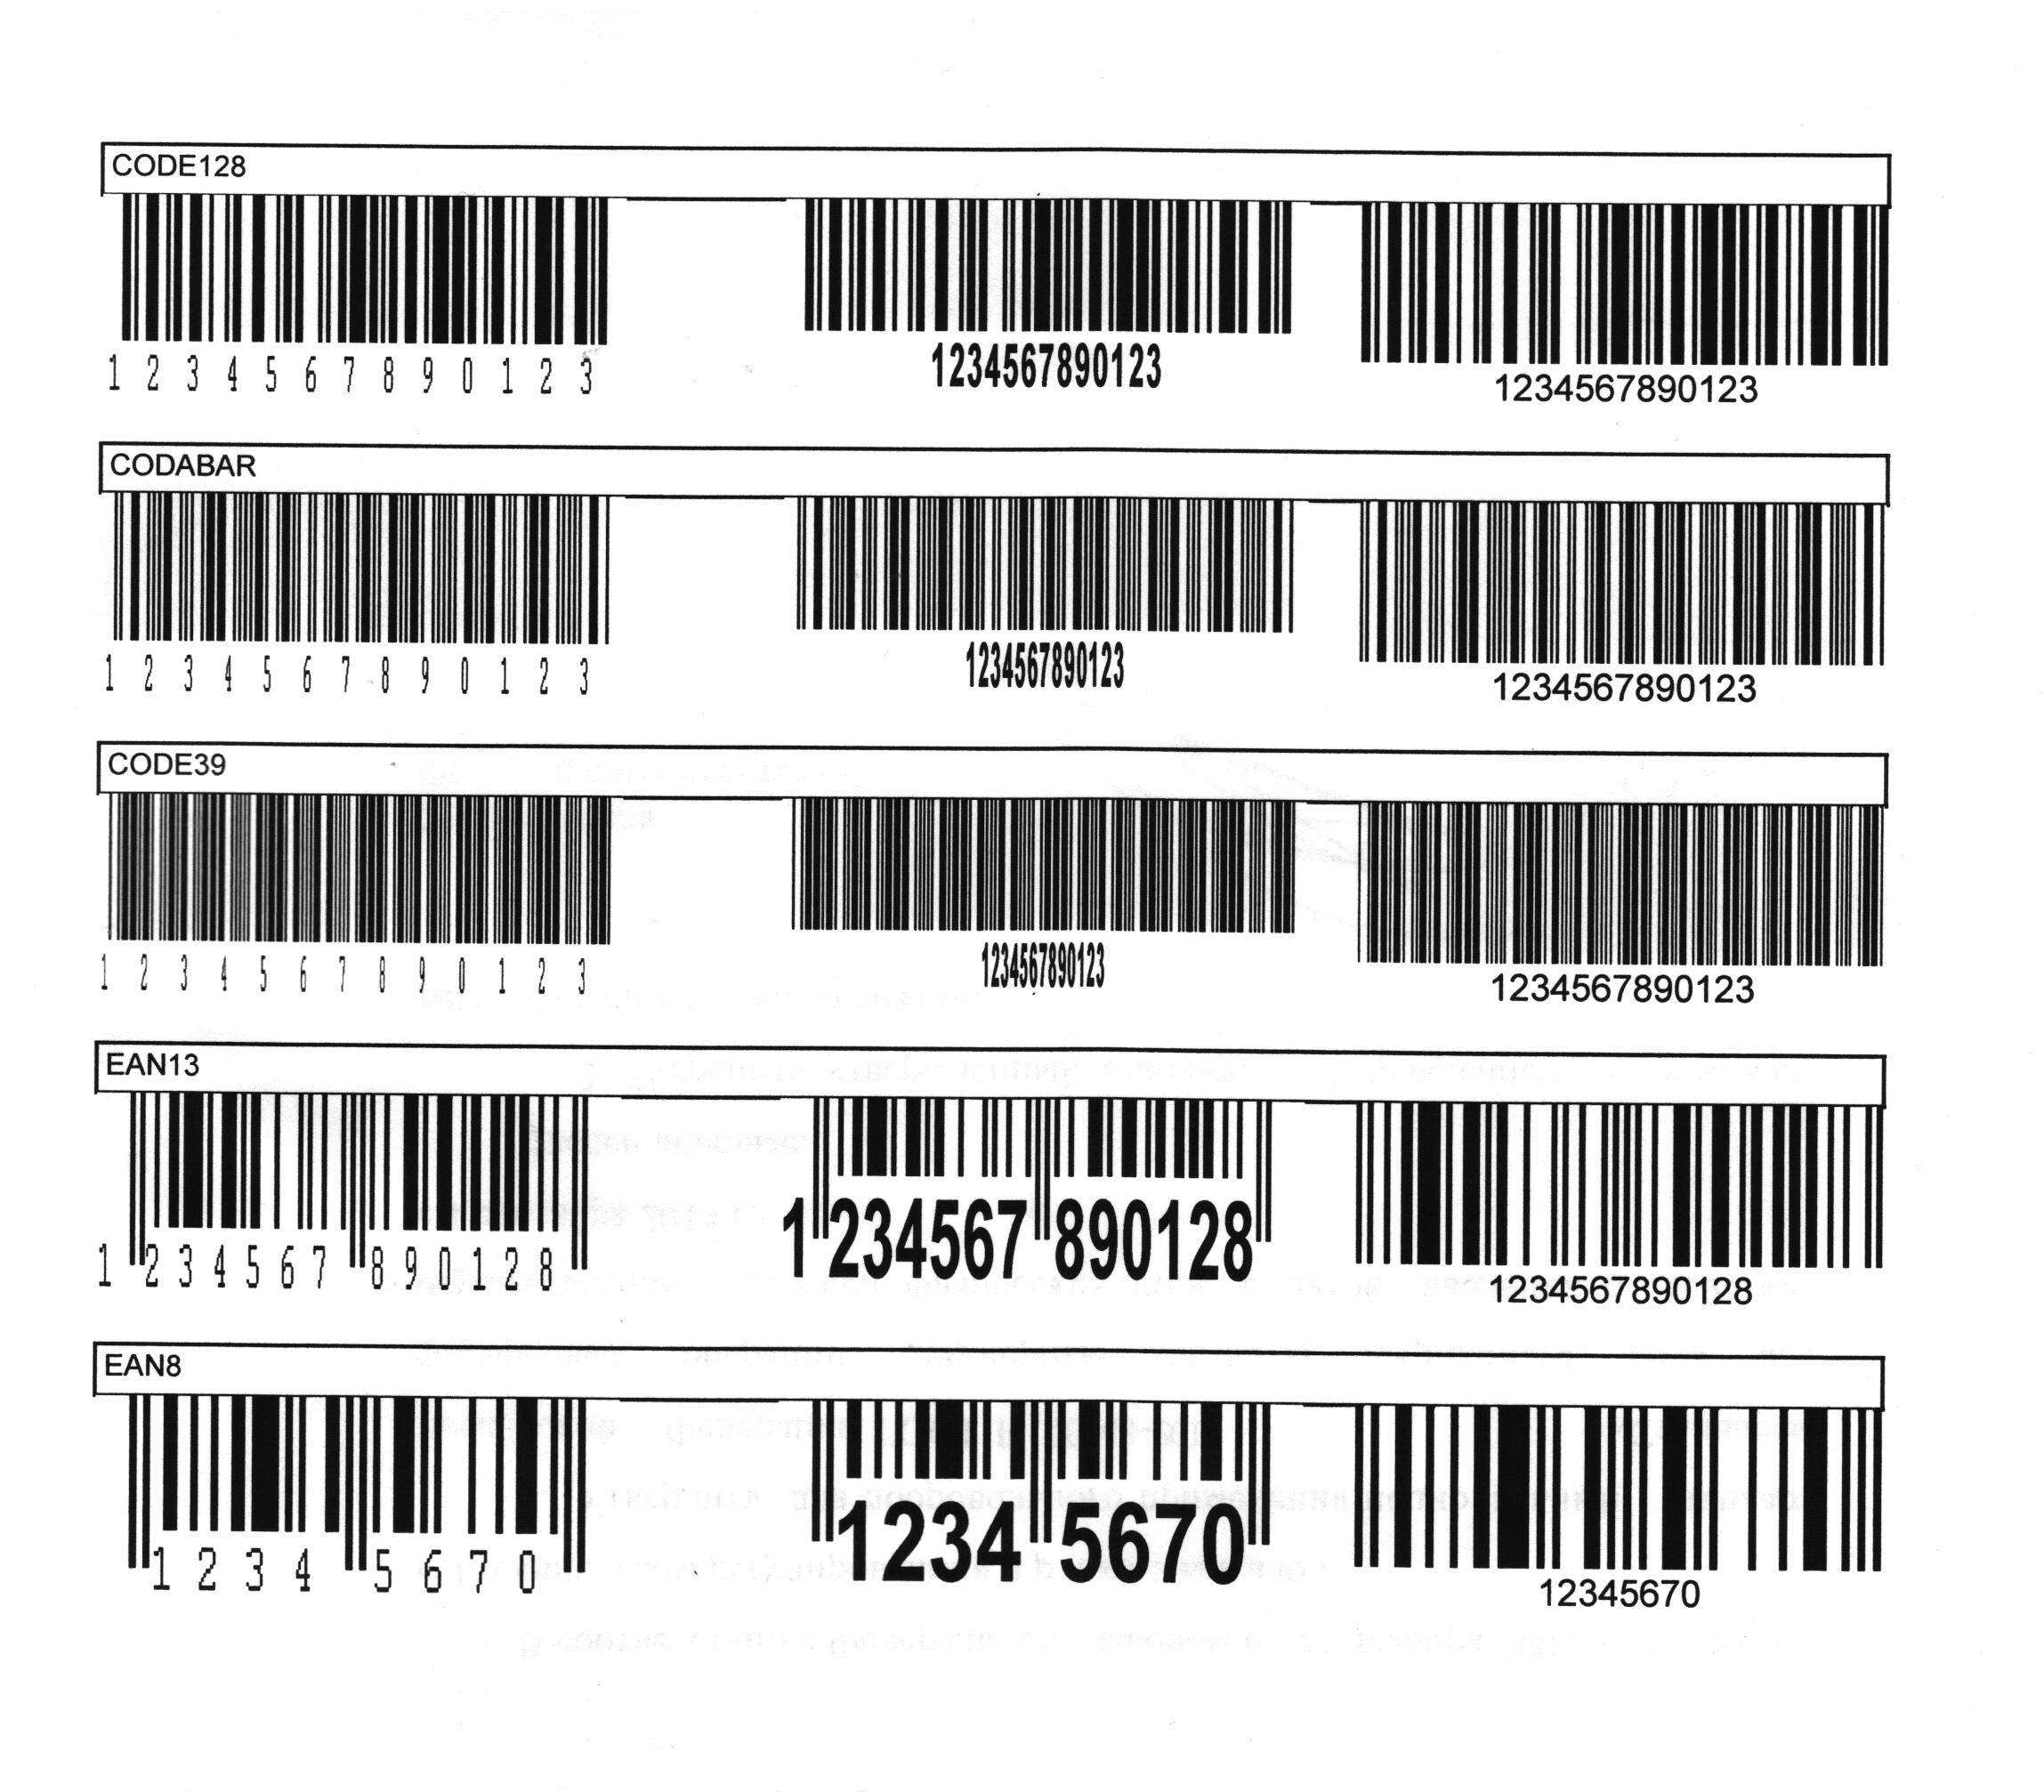 Как просто расшифровать штрих-код! полезная информация! распечатала и ношу с собой! такое обязательно пригодится!